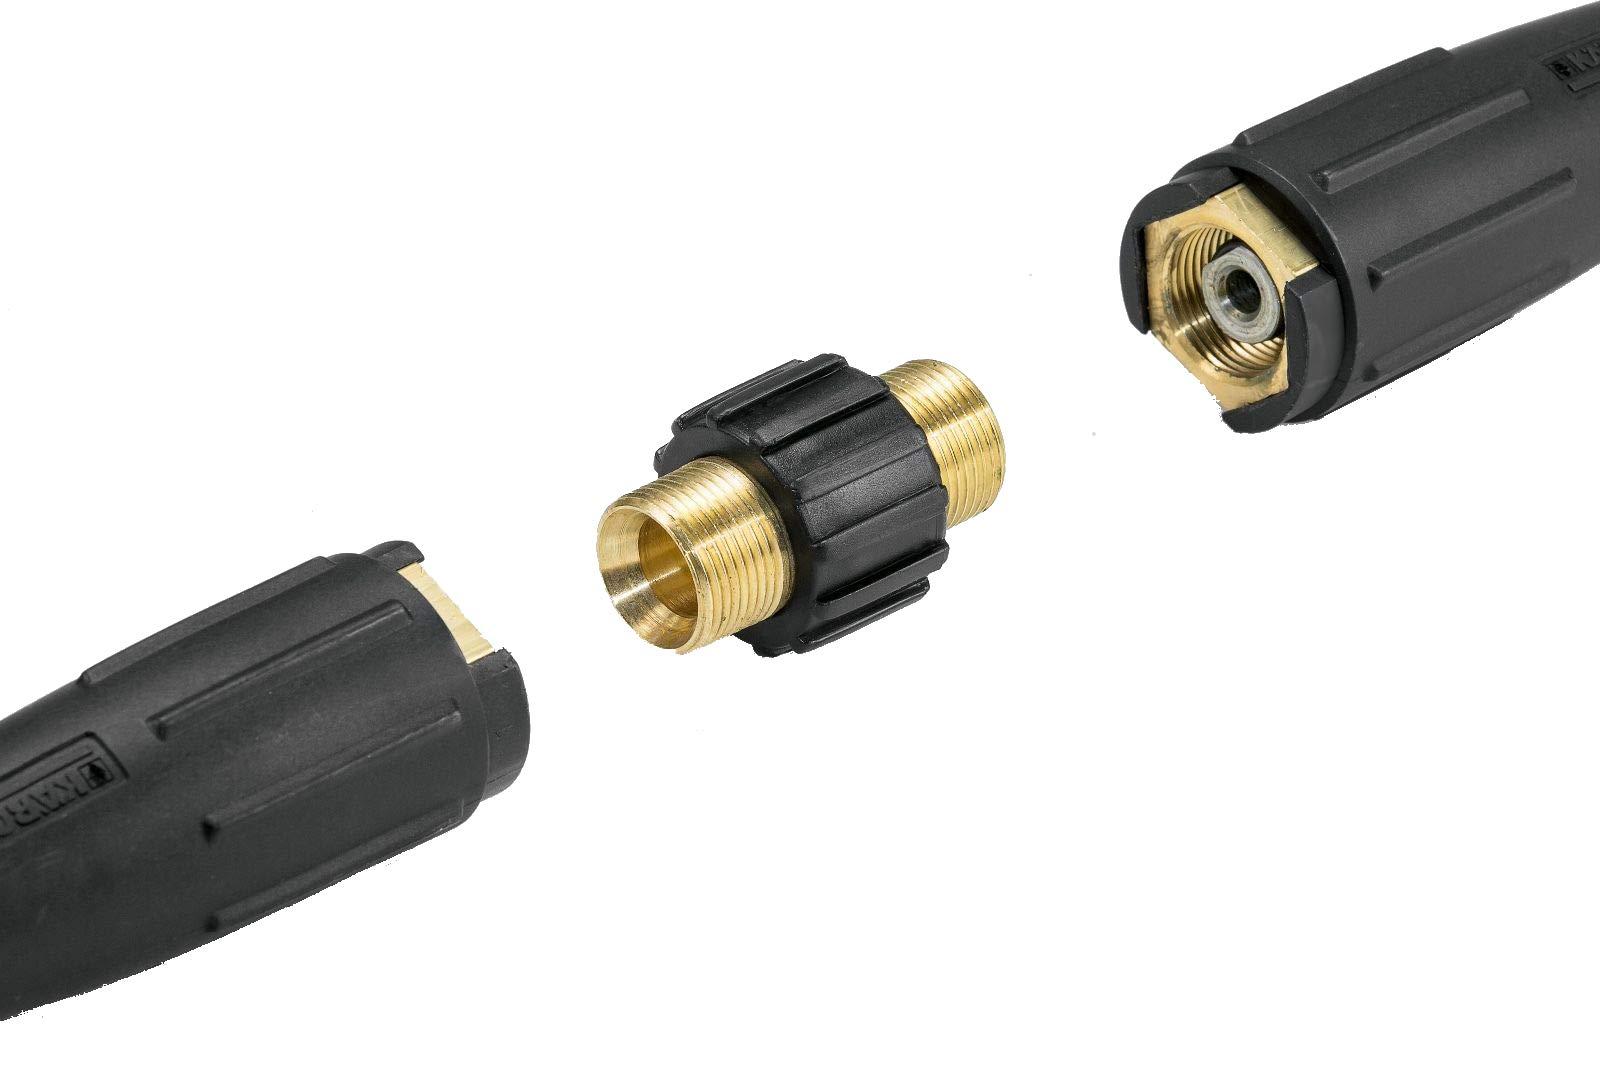 Schlauchverbinder-PremiumPlus-fr-Hochdruckschluche-von-Krcher-und-Krnzle-Hochdruckreiniger-HD-HDS-mit-M22-Gewinde-wie-4403-0020-von-ONE-Made-in-Germany